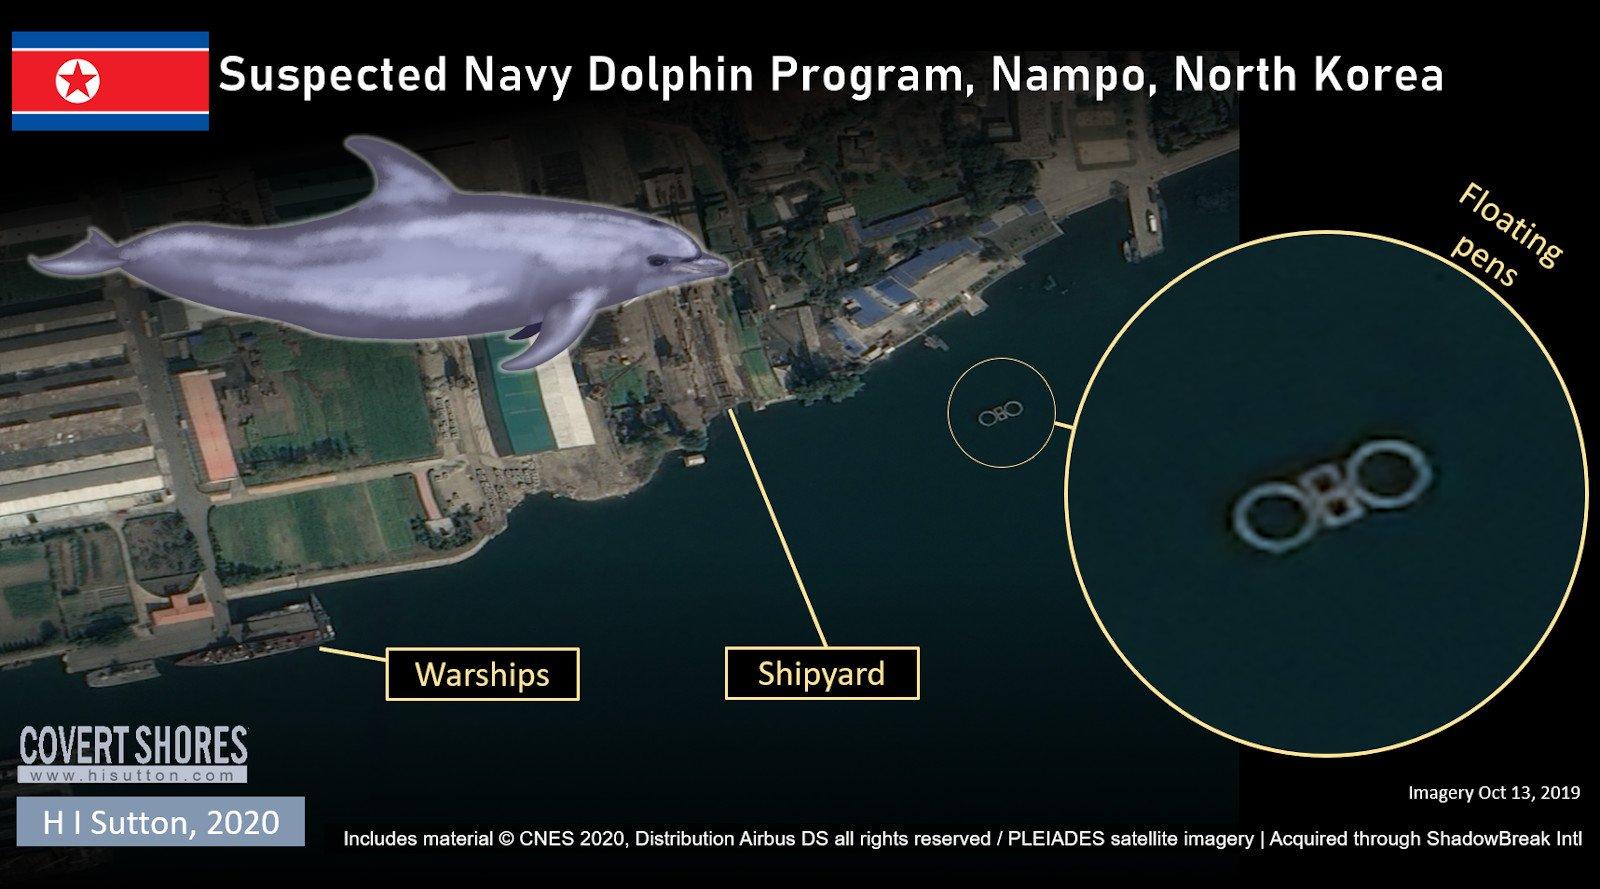 卫星照片显示朝鲜南浦附近沿海出现了一些围栏。